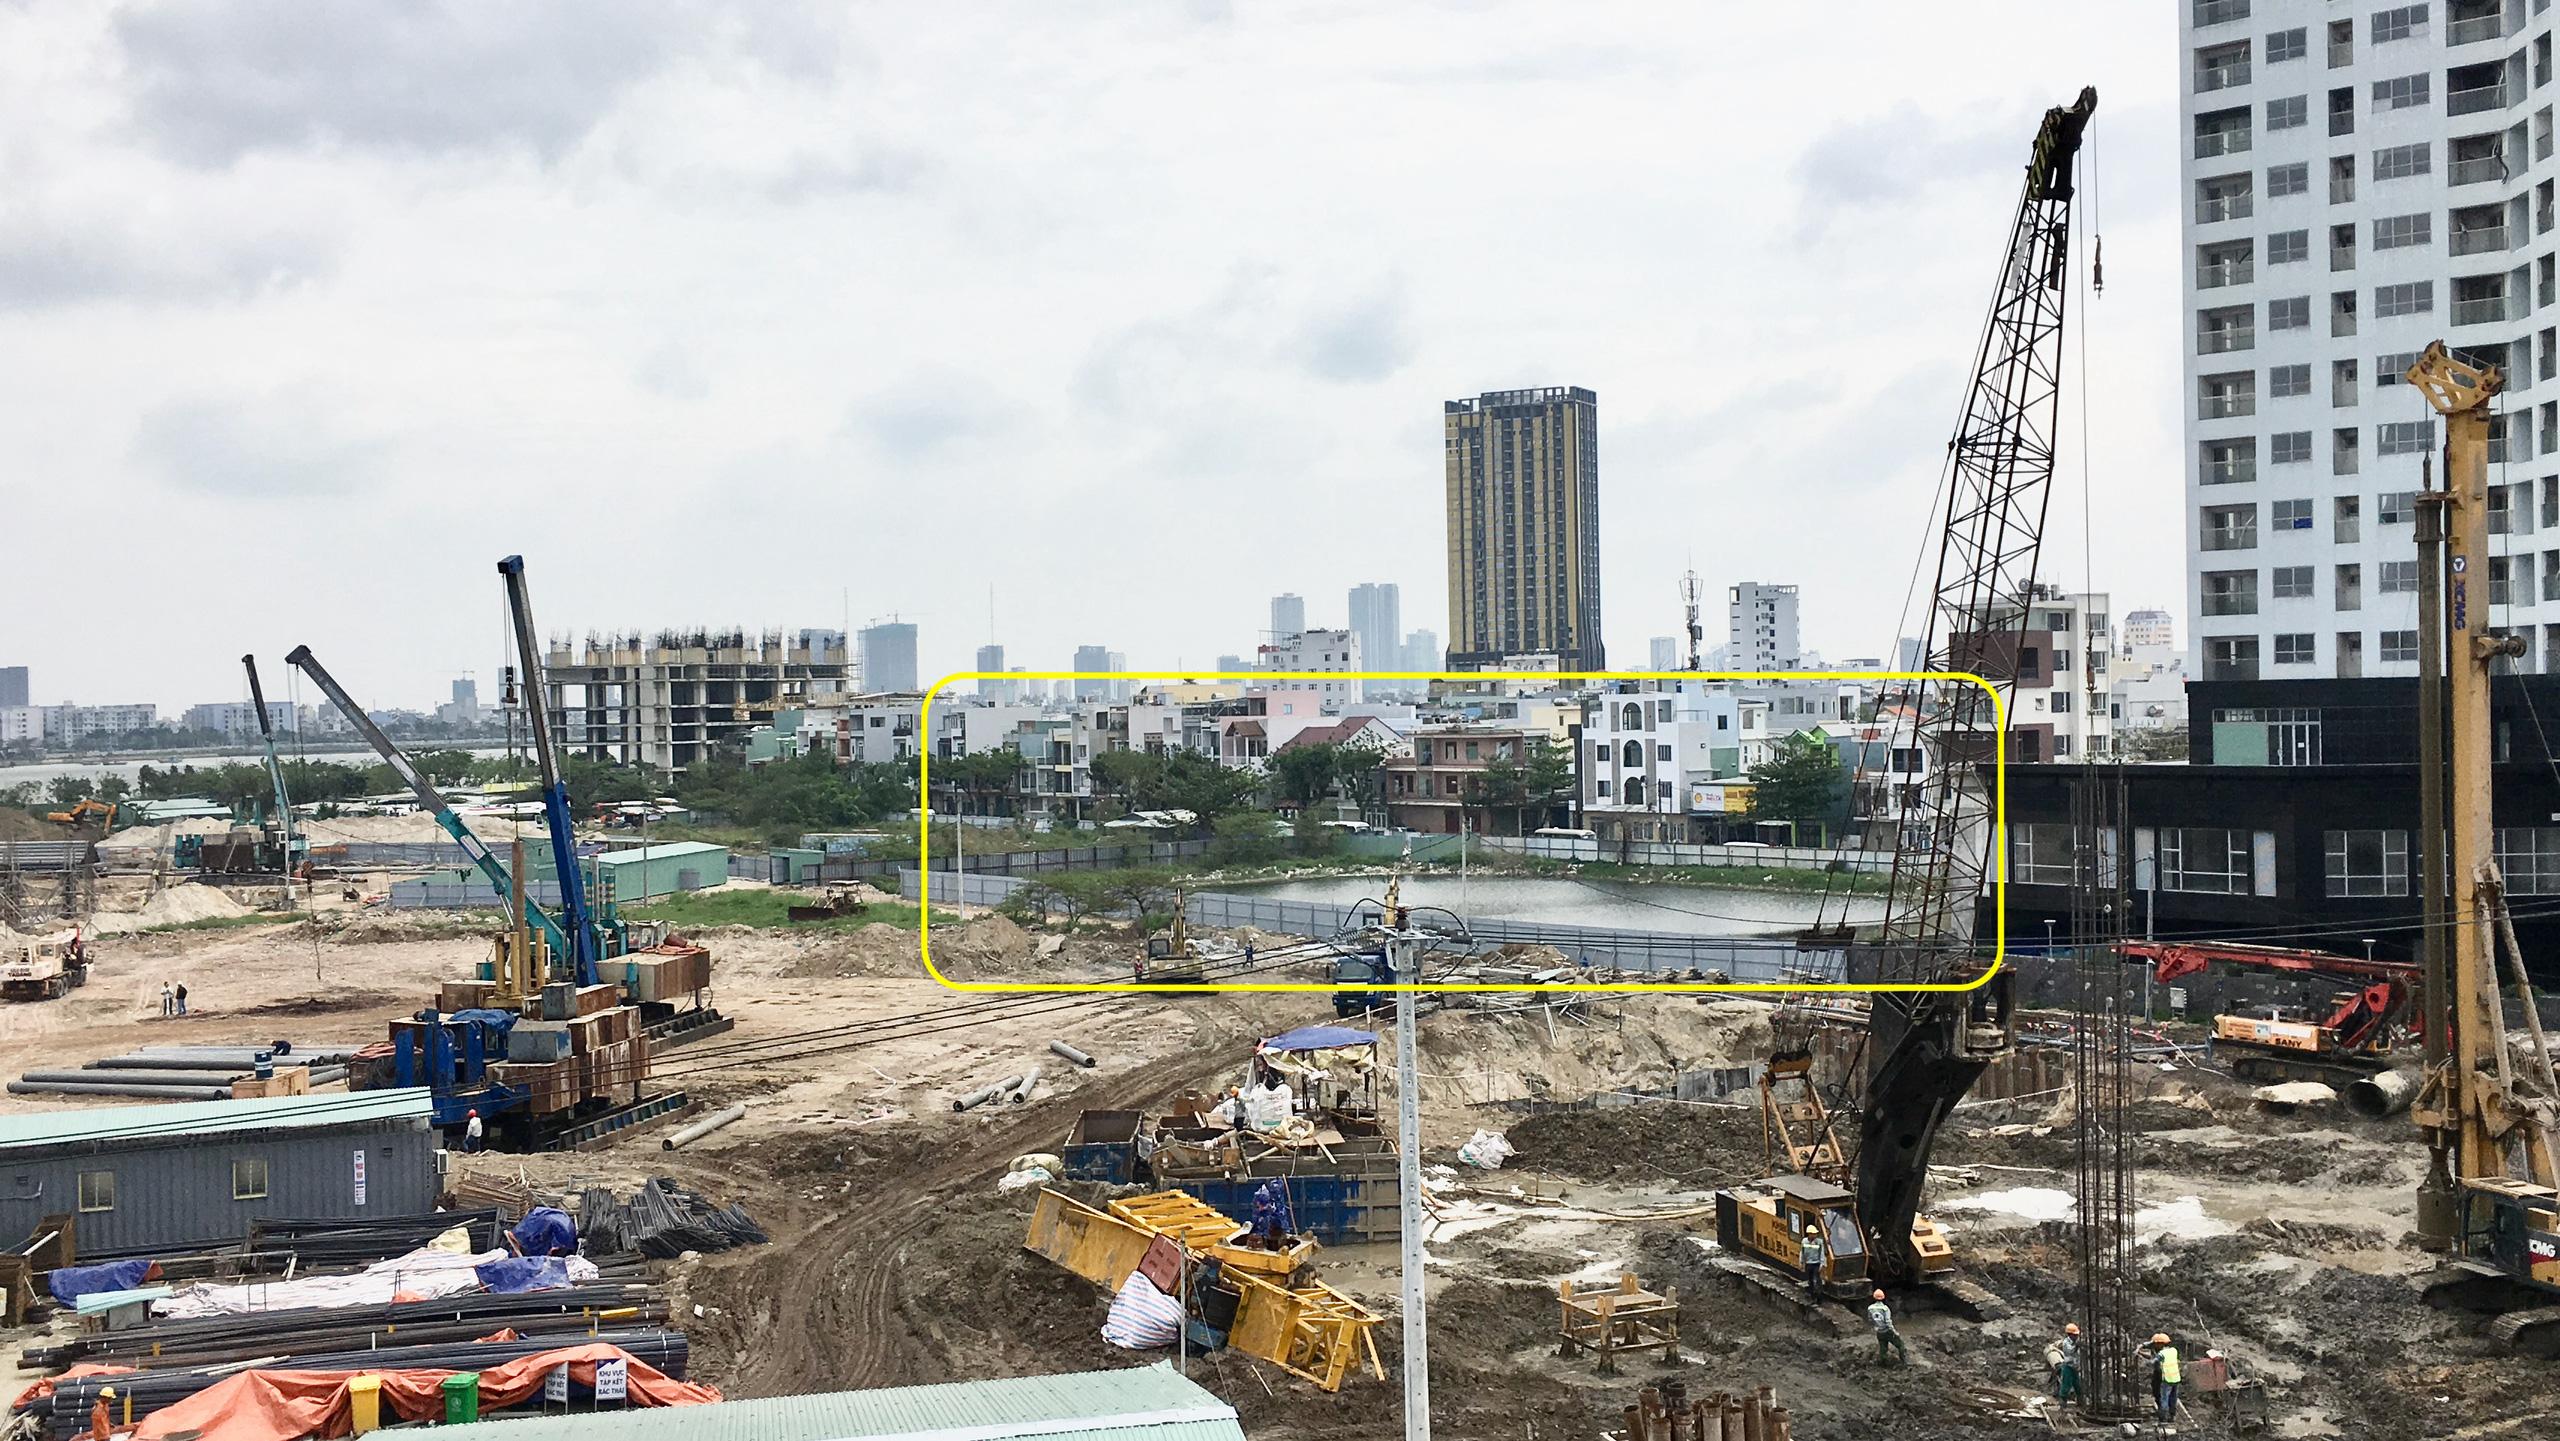 Quận Hải Châu, Đà Nẵng sắp có hơn 4.400 căn hộ condotel, chung cư - Ảnh 4.